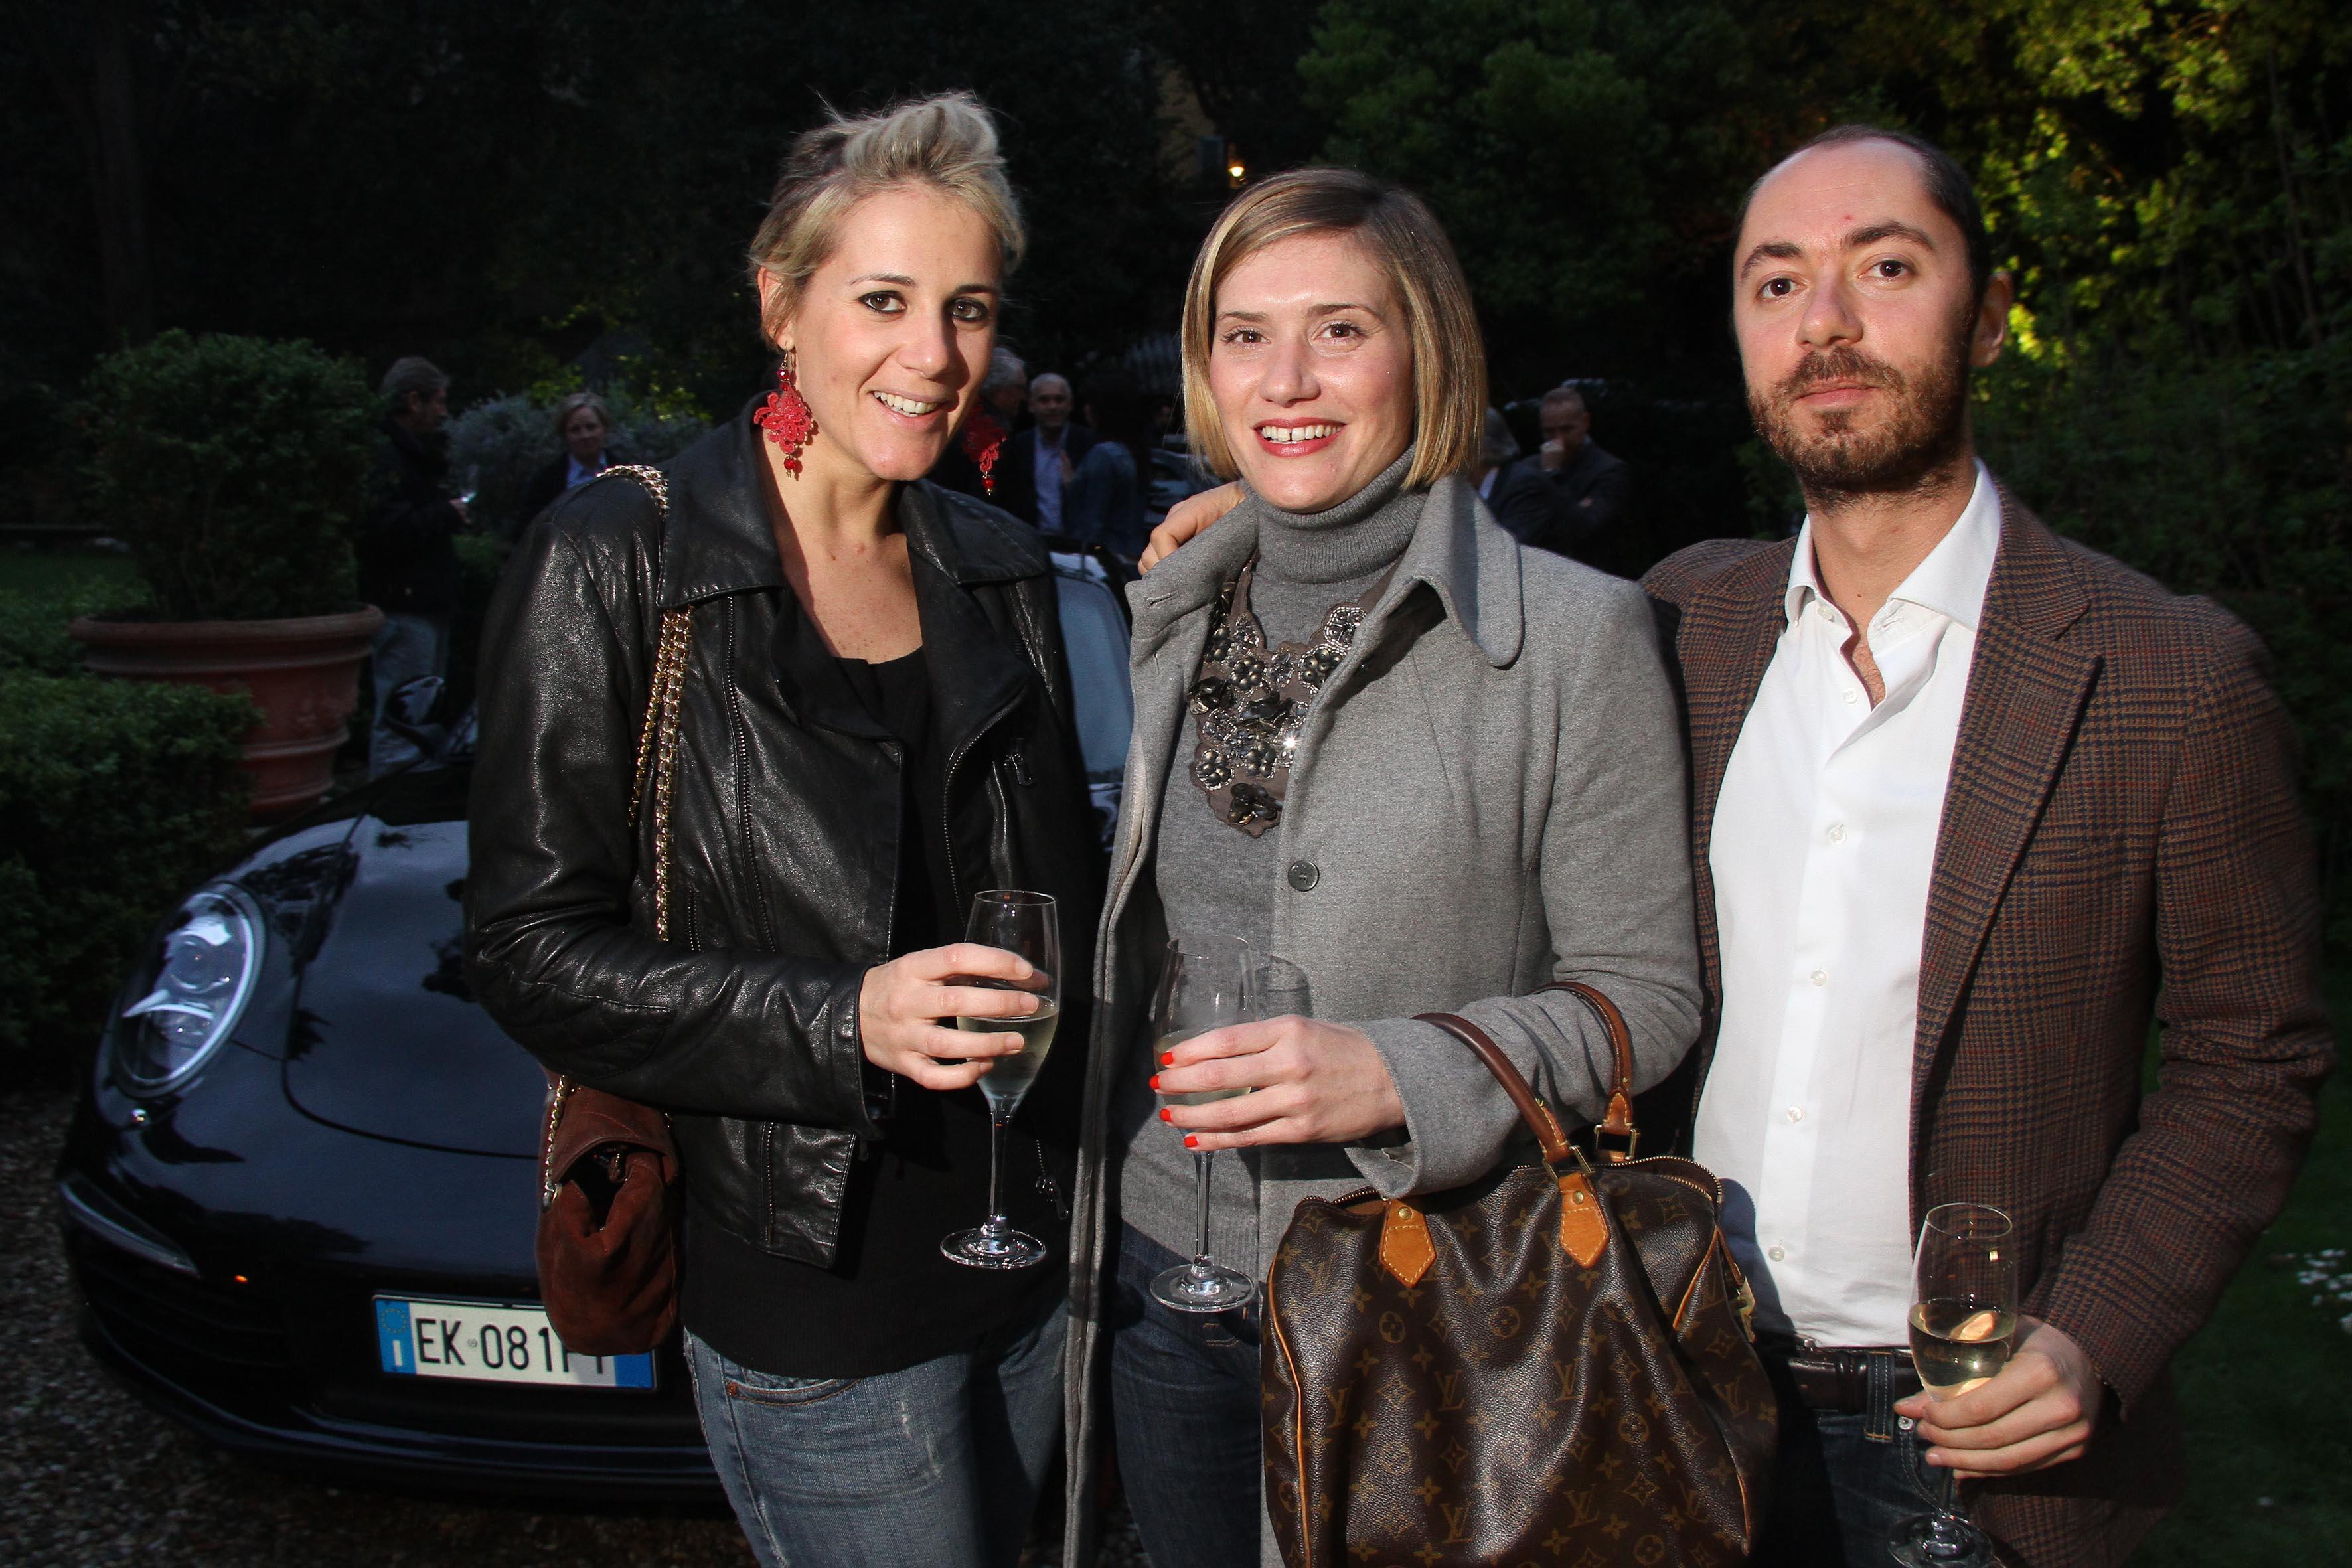 PRESSPHOTO Firenze Made in Tuscany,  presentazione nuova Porsche al Loft: Silvia Dall'Aglio, Chiara Benedetti e Niccolò Vannozzi